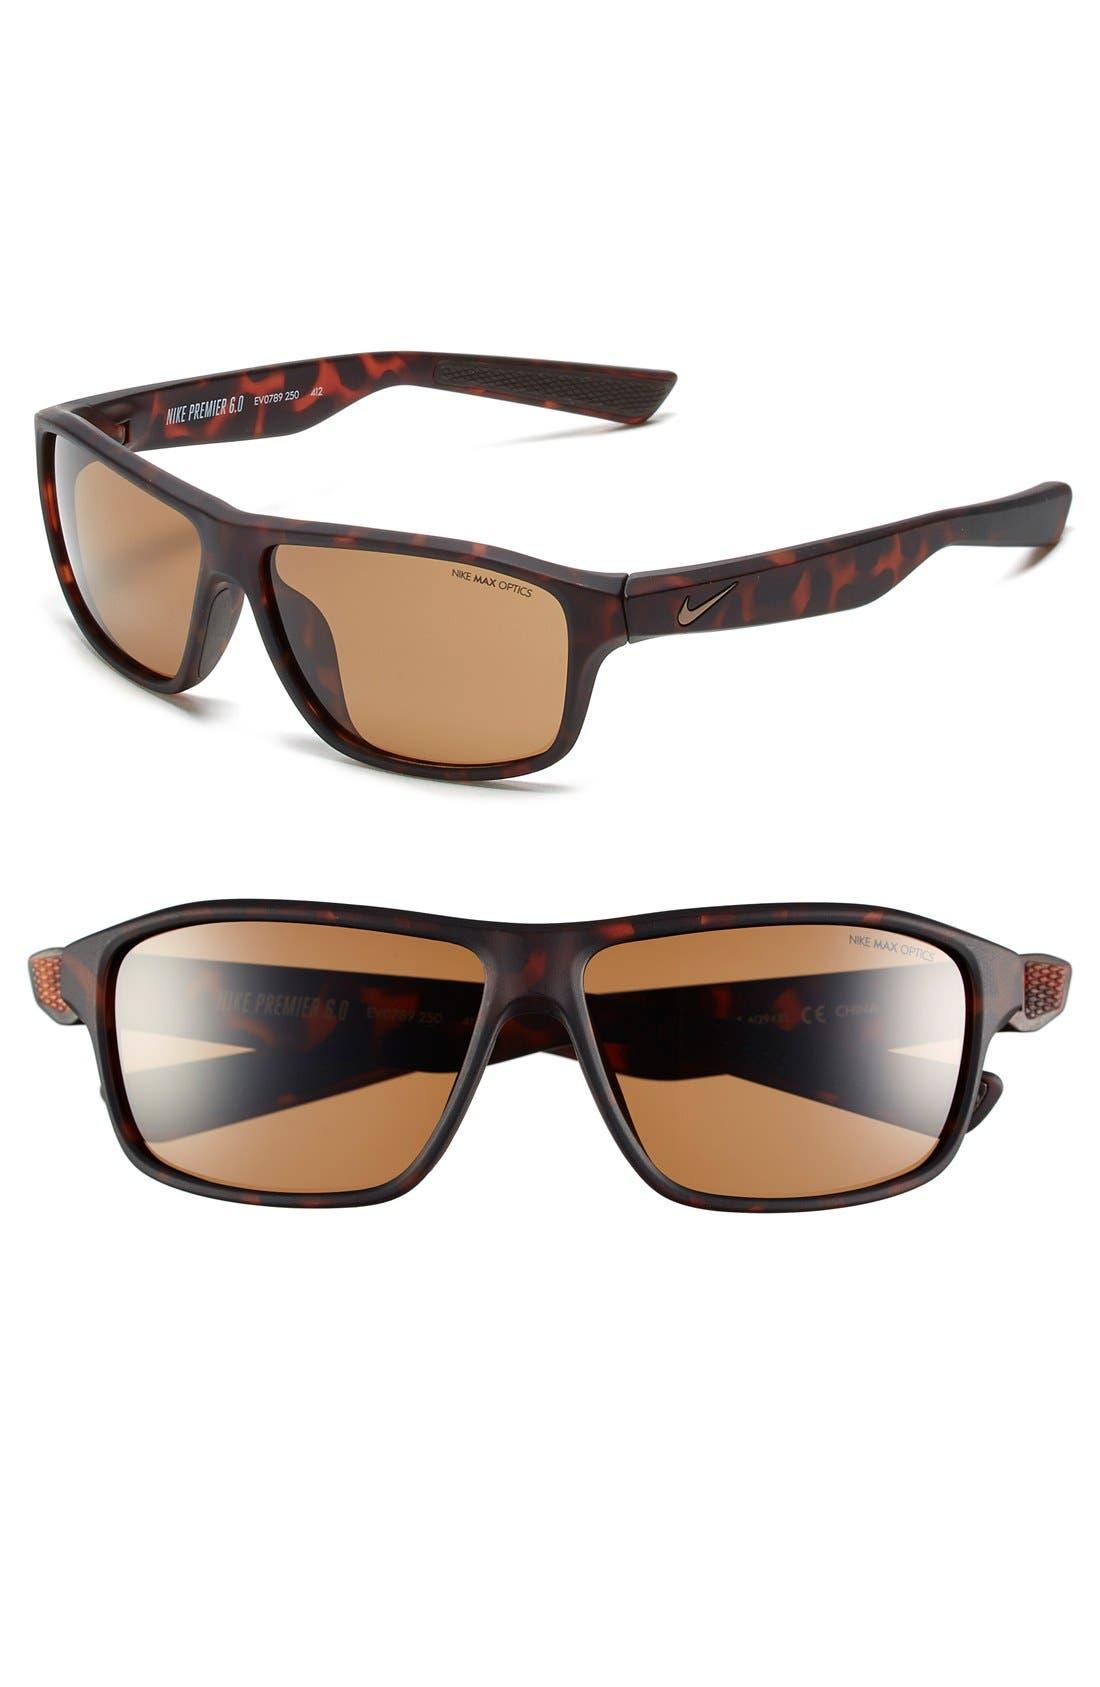 59mm 'Premier 6.0' Performance Sunglasses,                             Main thumbnail 1, color,                             MATTE TORTOISE